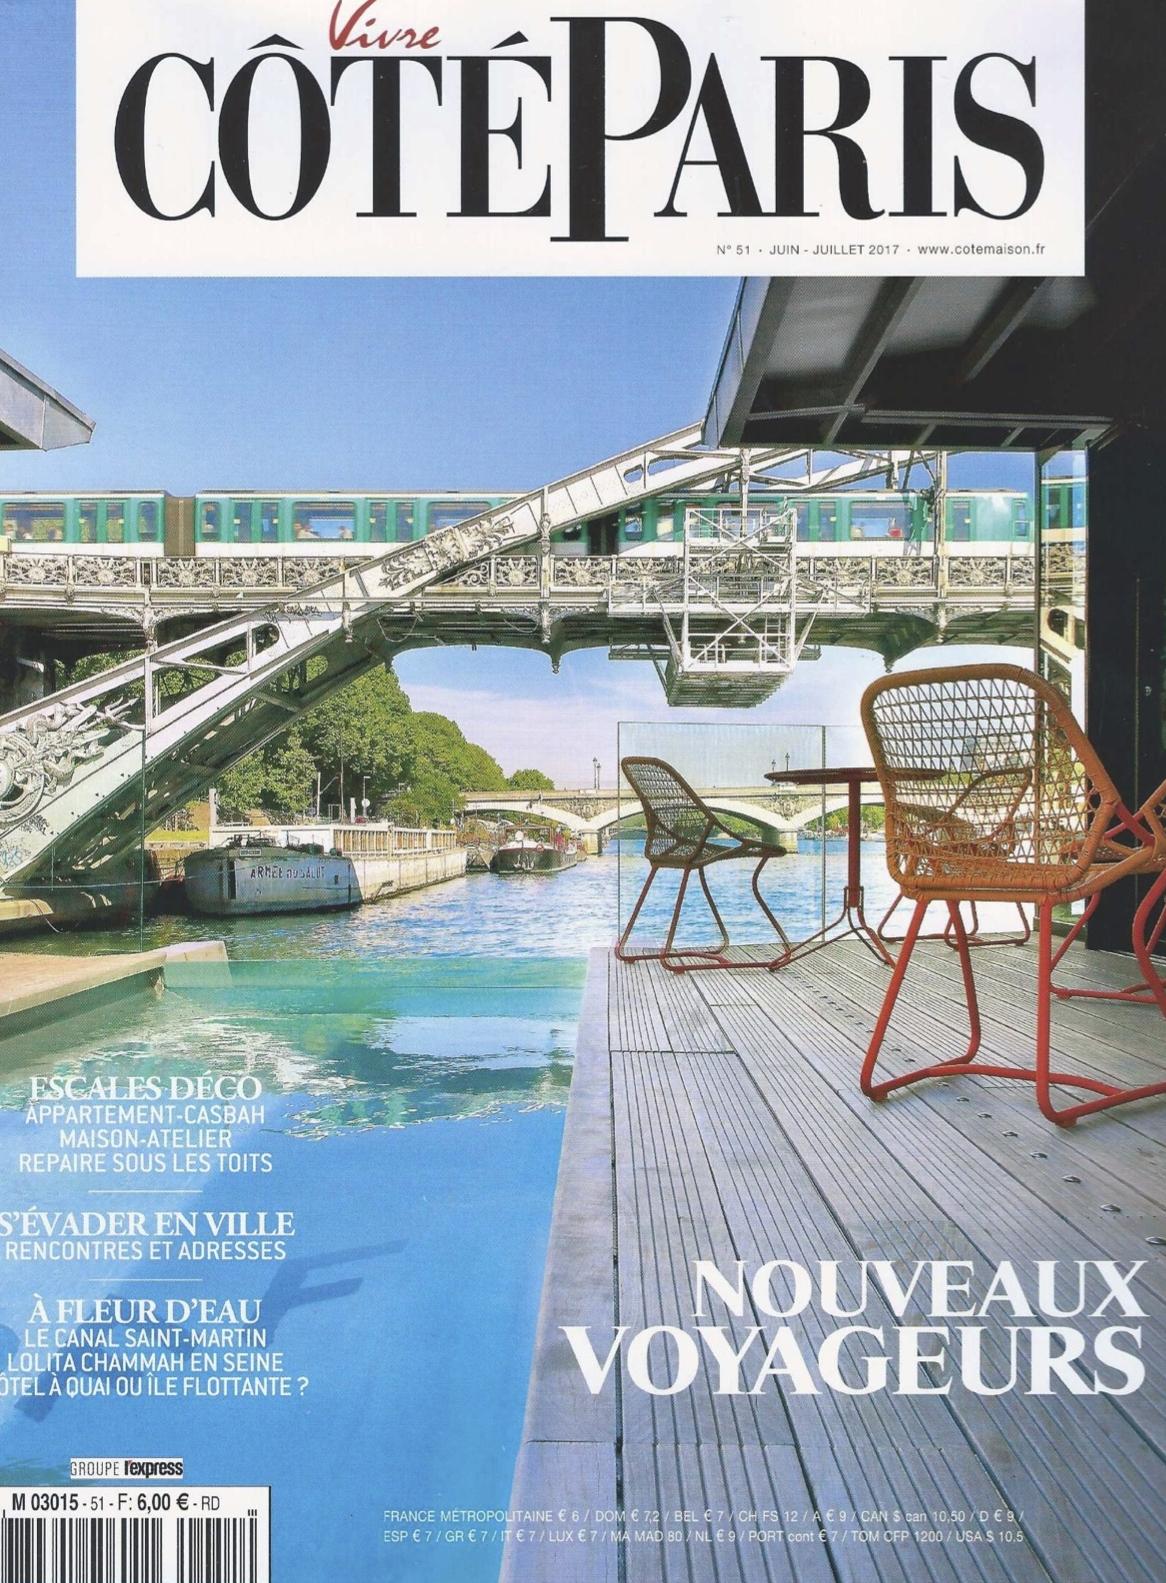 Vivre_Cote_Paris_g_de_Juin_Juillet-2017Couv.jpg